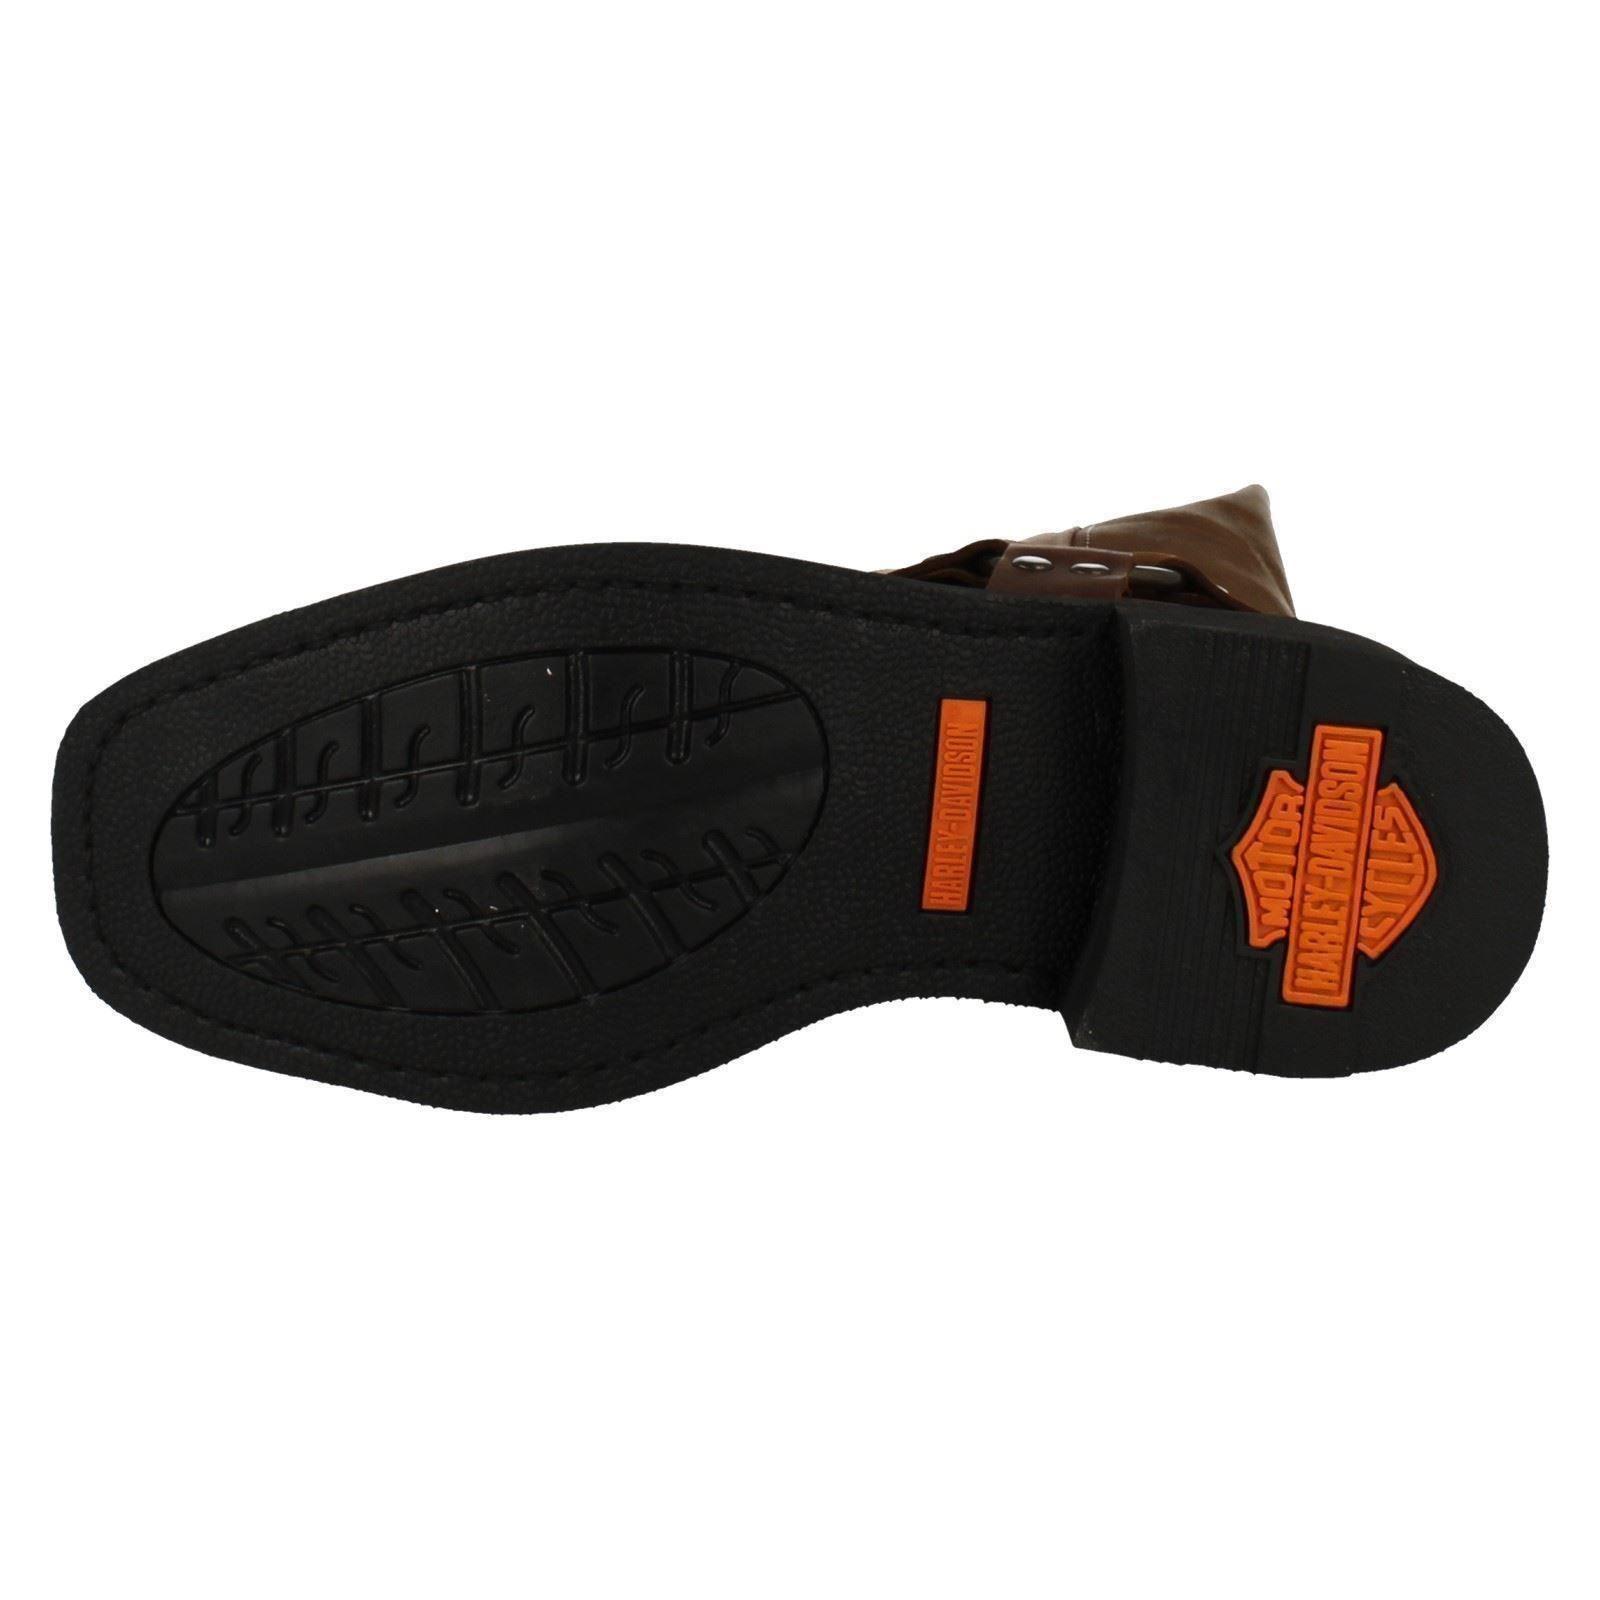 Herren Harley Davidson Stiefel Stiefel Stiefel Label Darren cc01f9